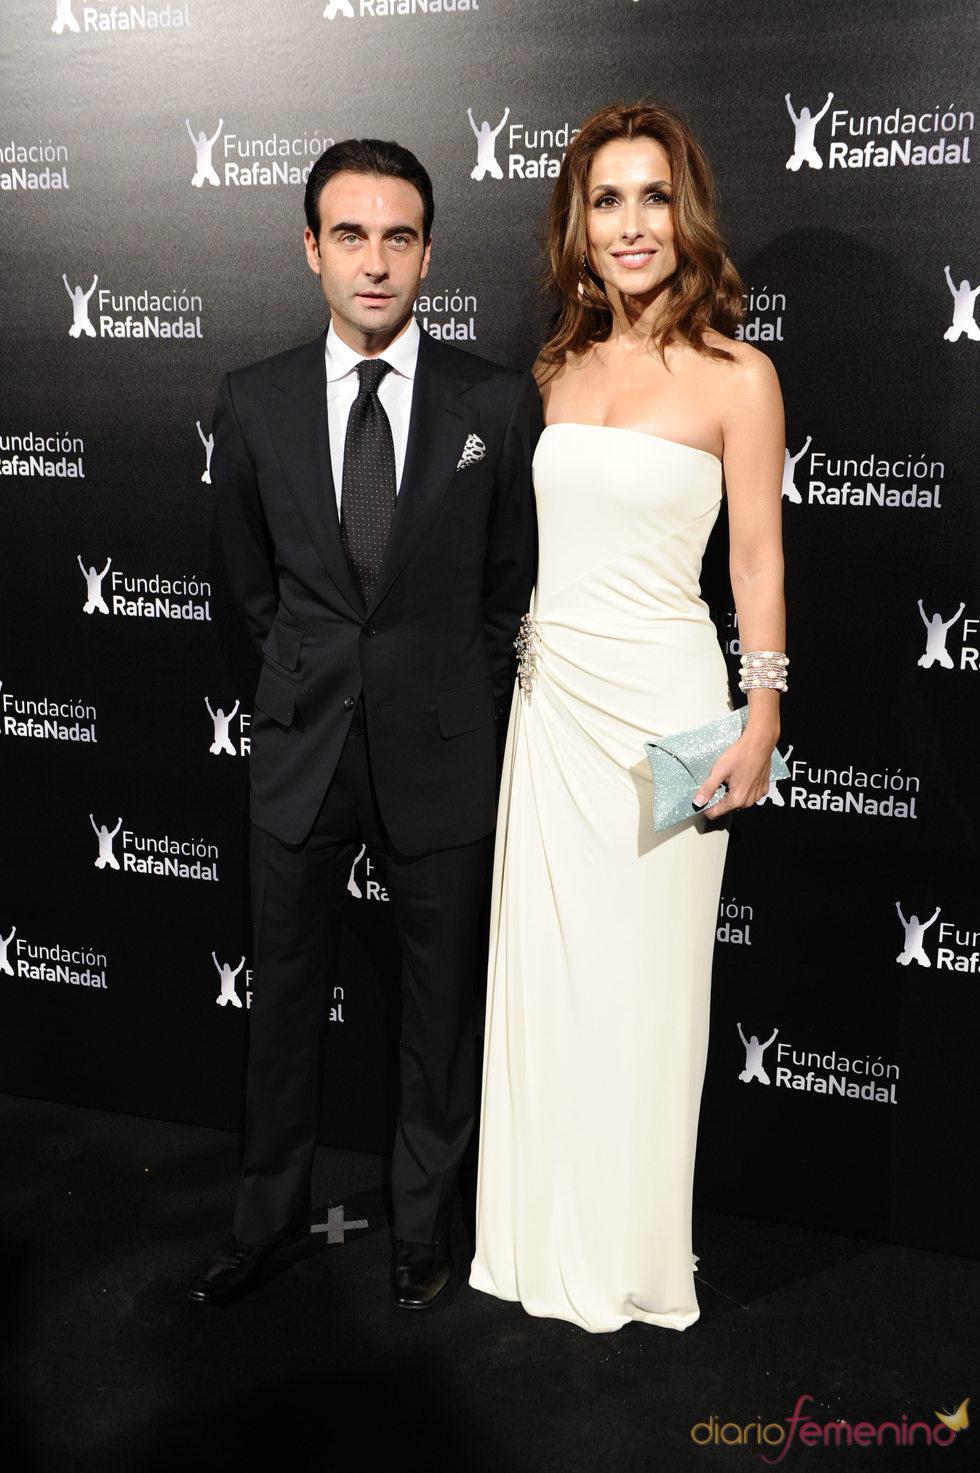 Enrique Ponce y Paloma Cuevas con la Fundación Rafa Nadal